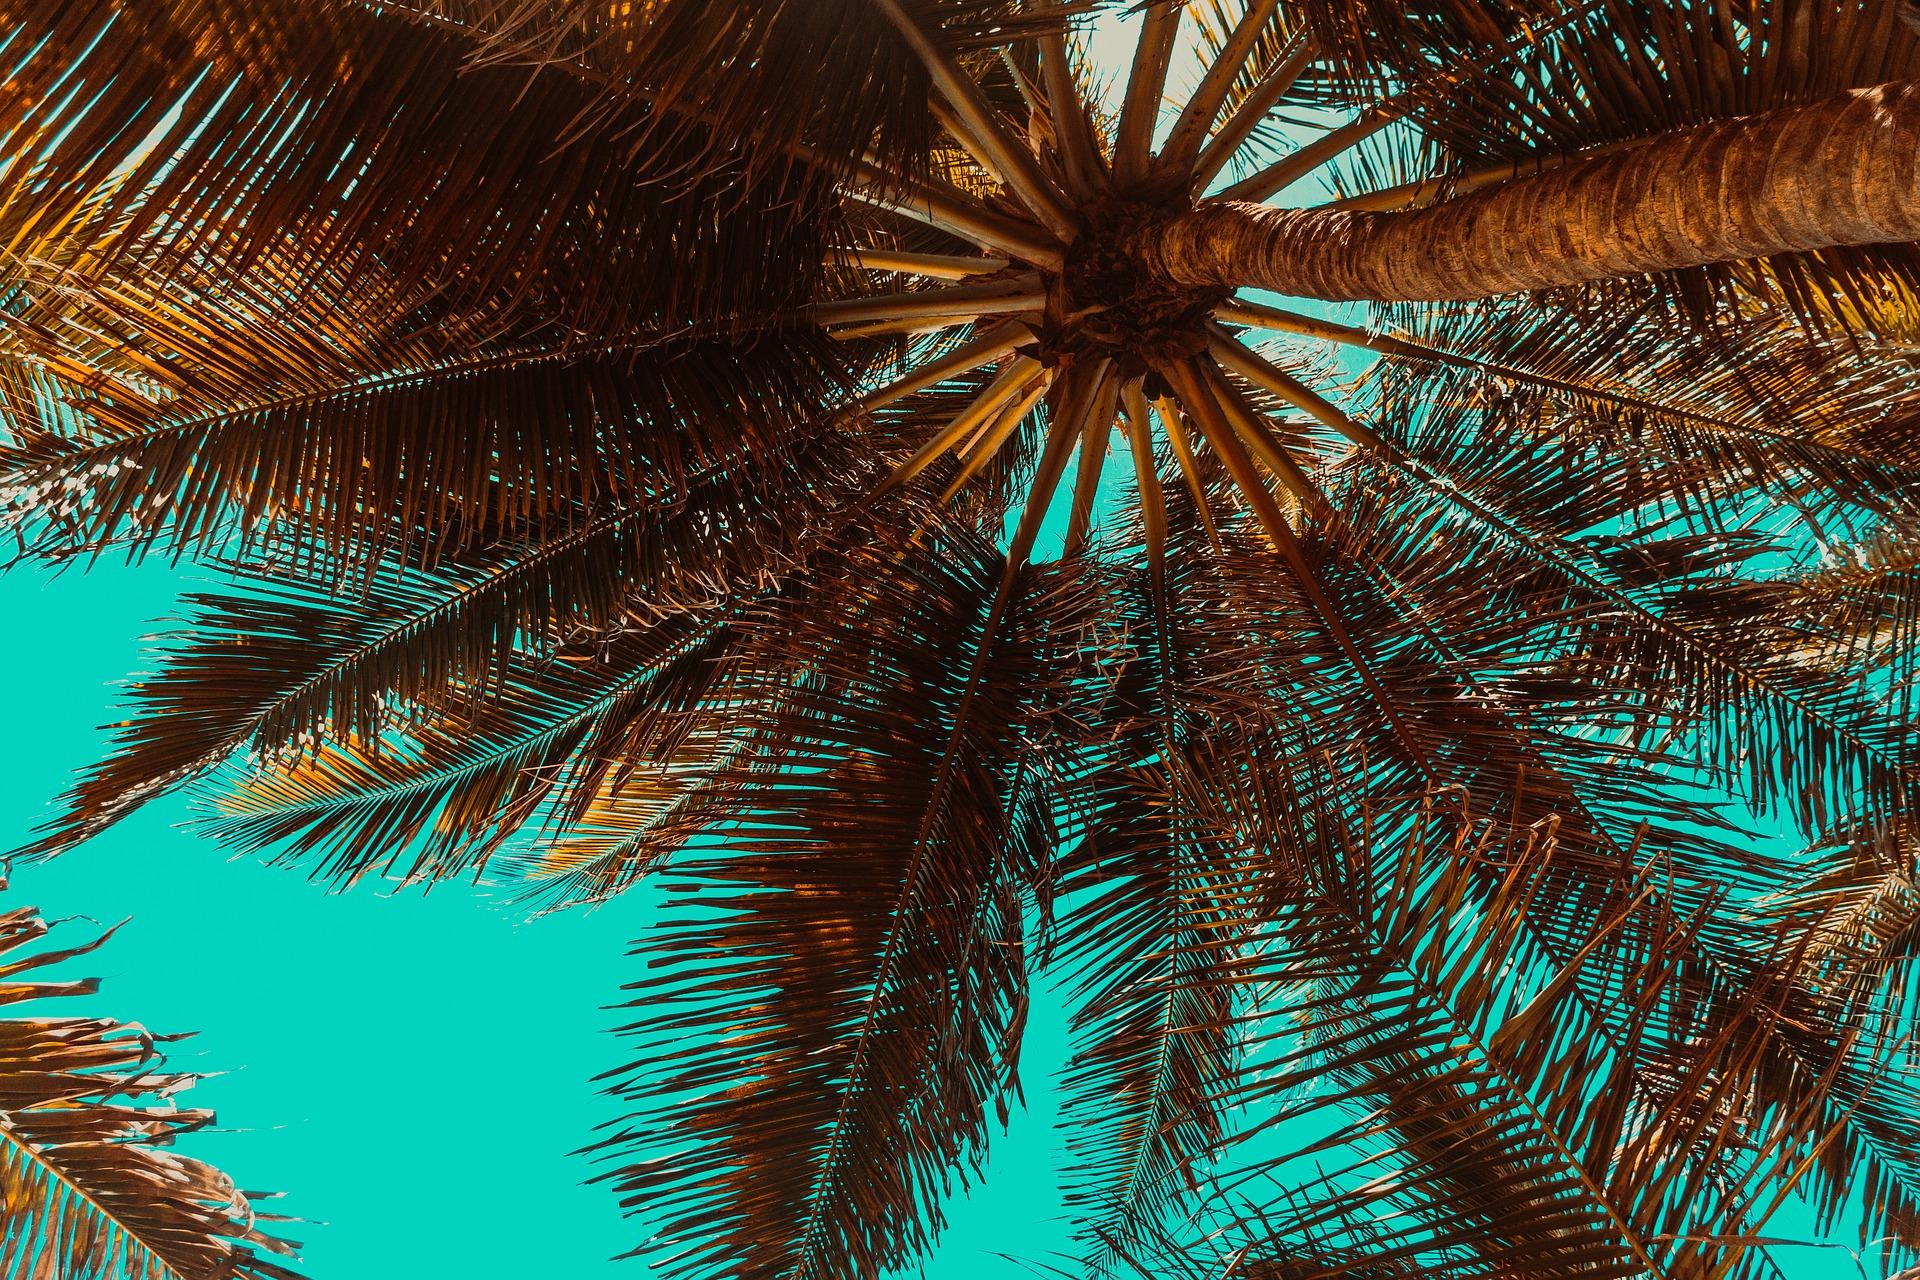 trees-3619180_1920